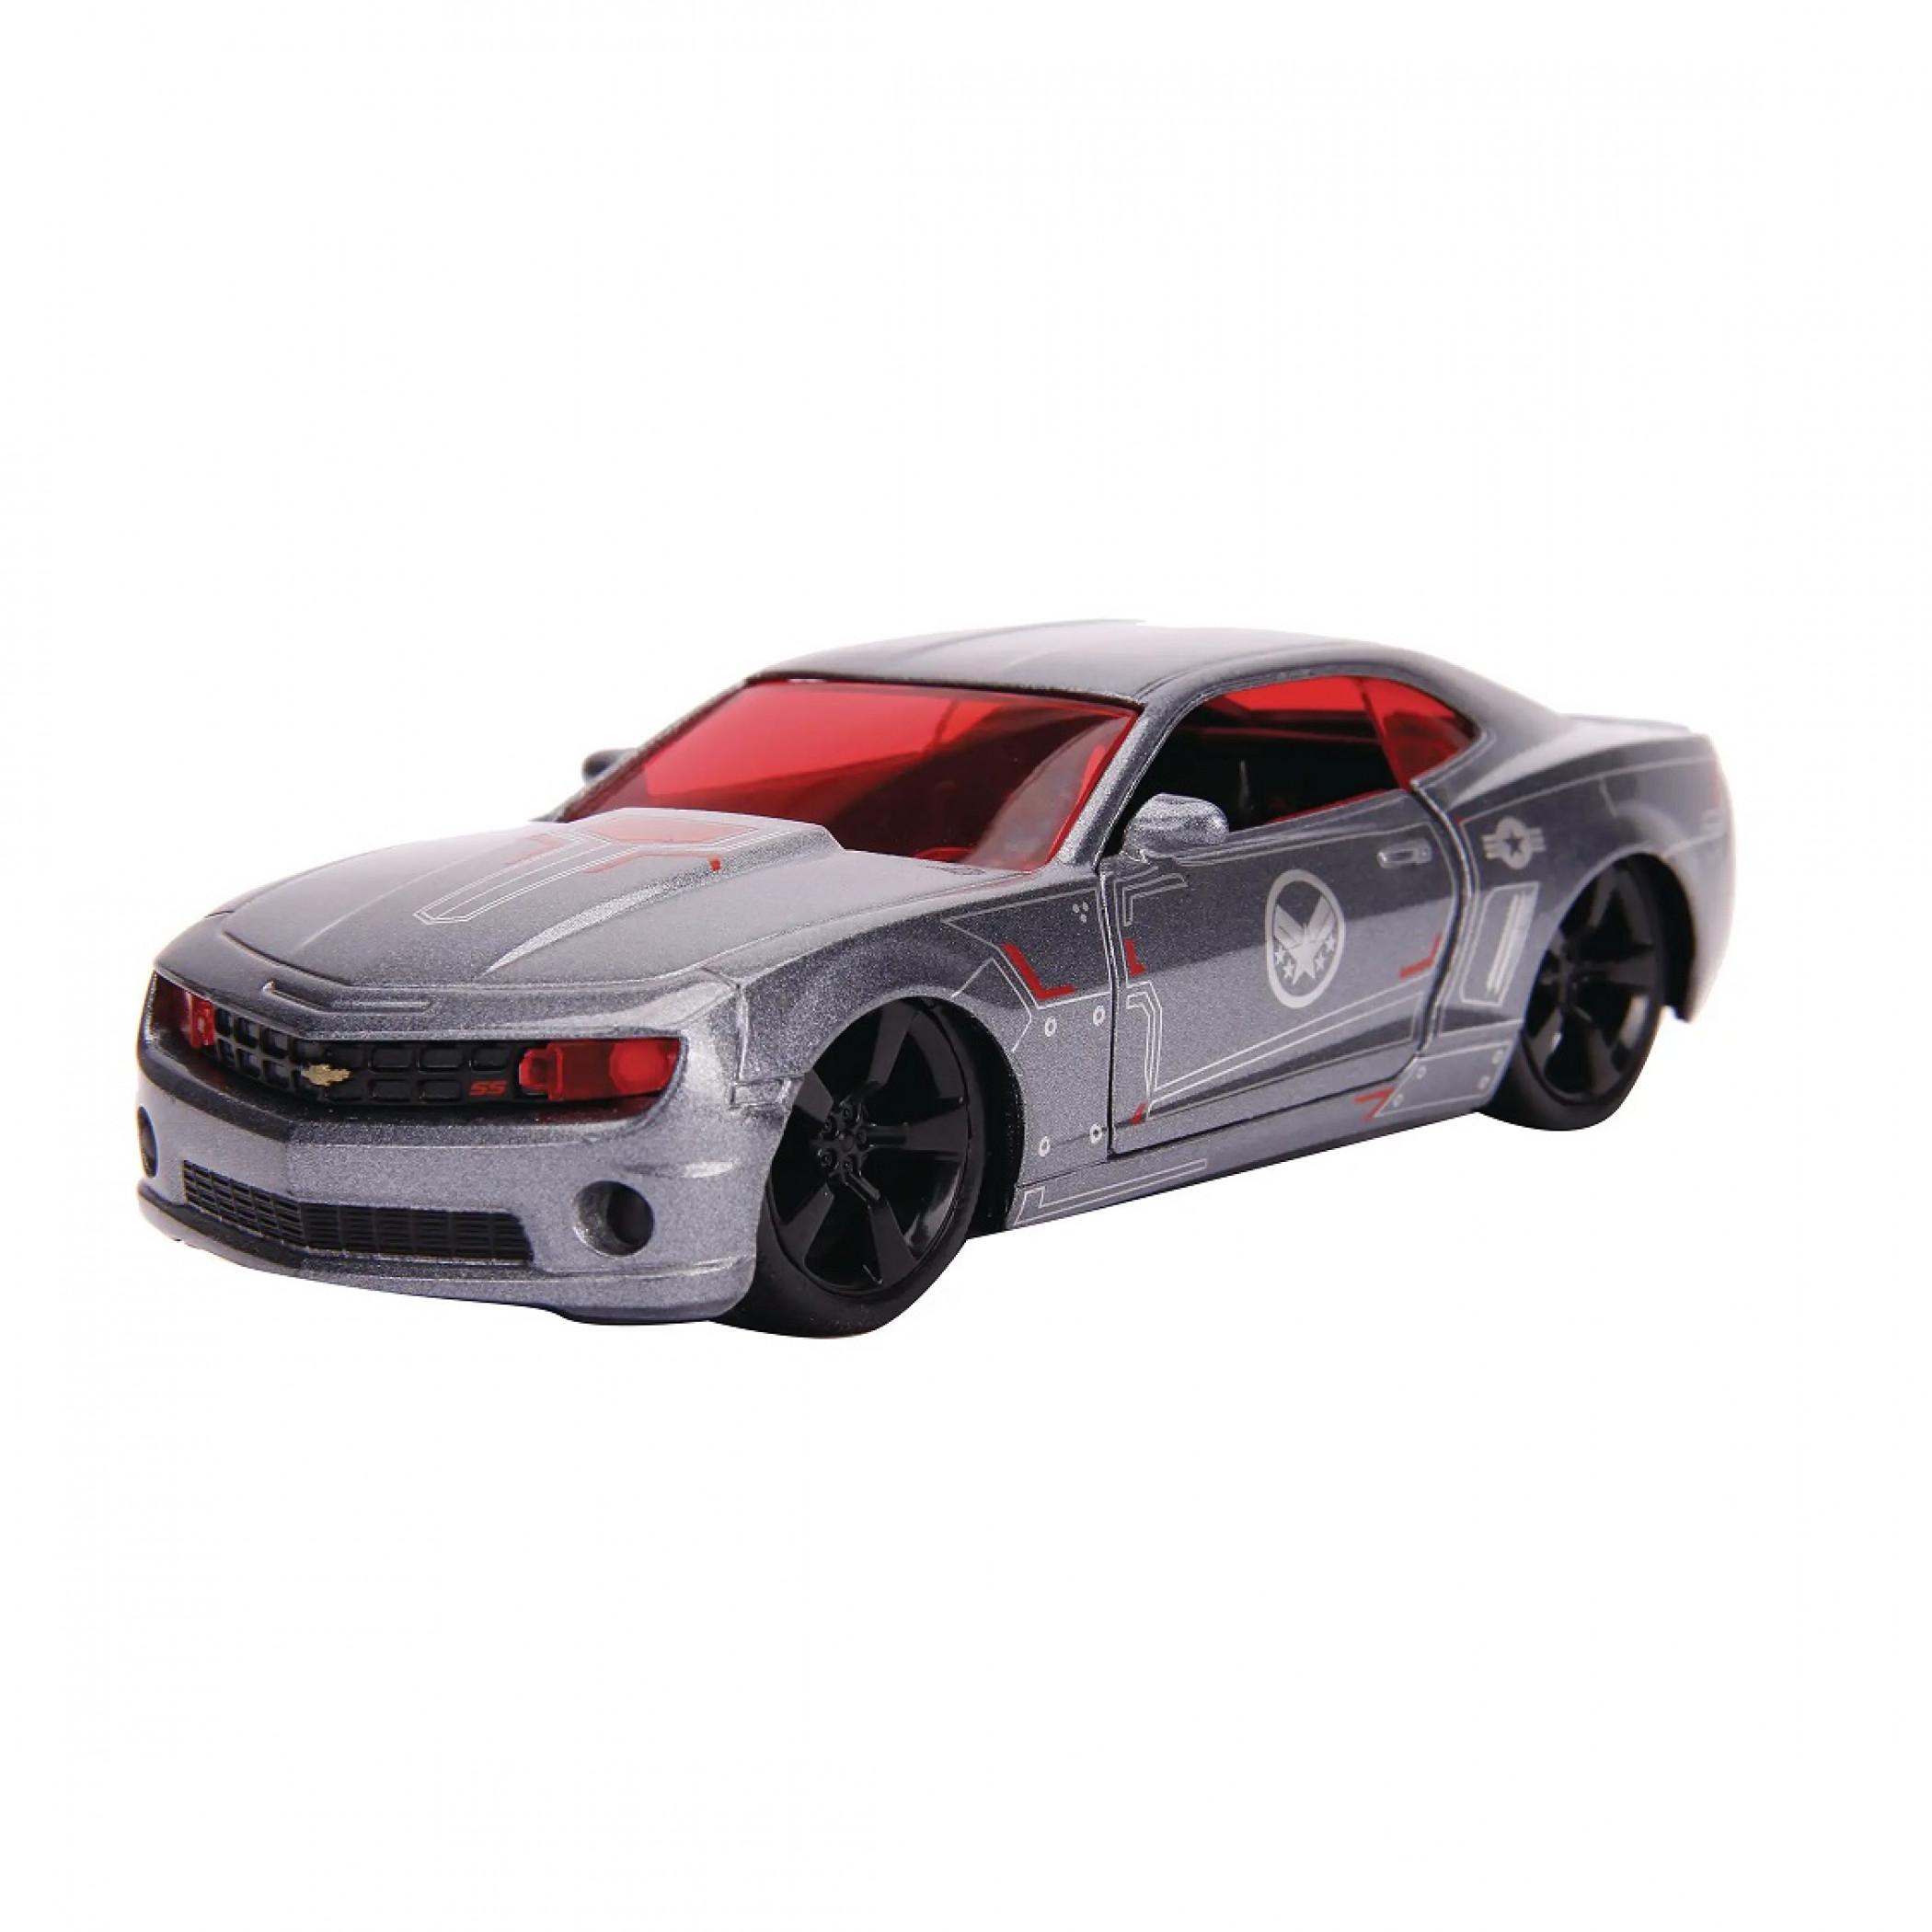 """War Machine 2010 Chevy Camaro Diecast Metal 5"""" Movie Car by Jada Toys"""